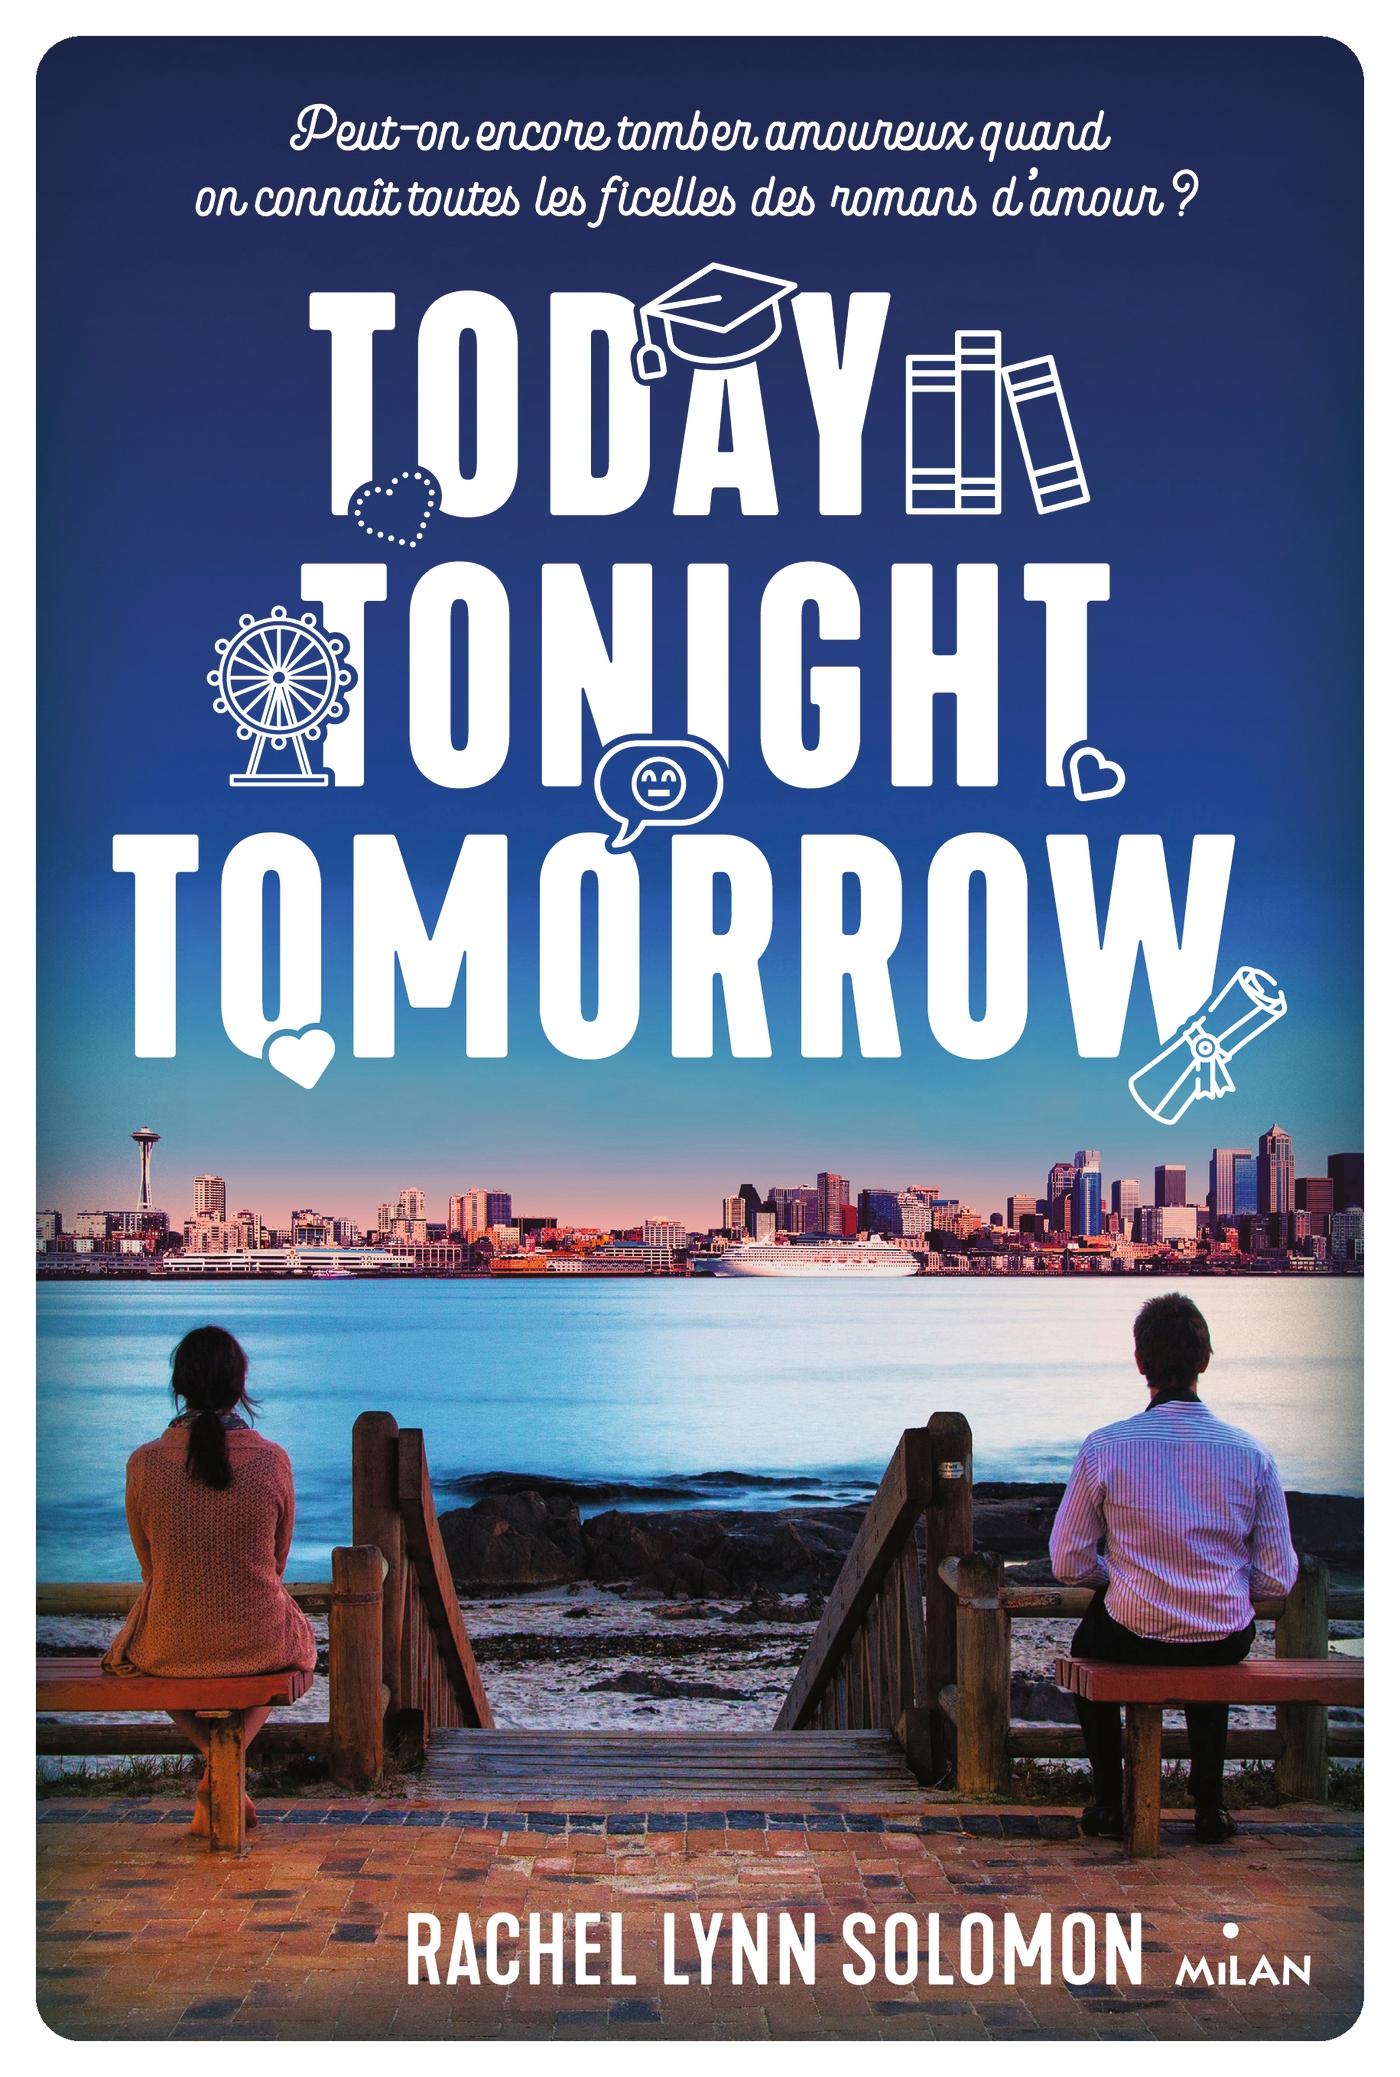 Today, tonight, tomorrow |